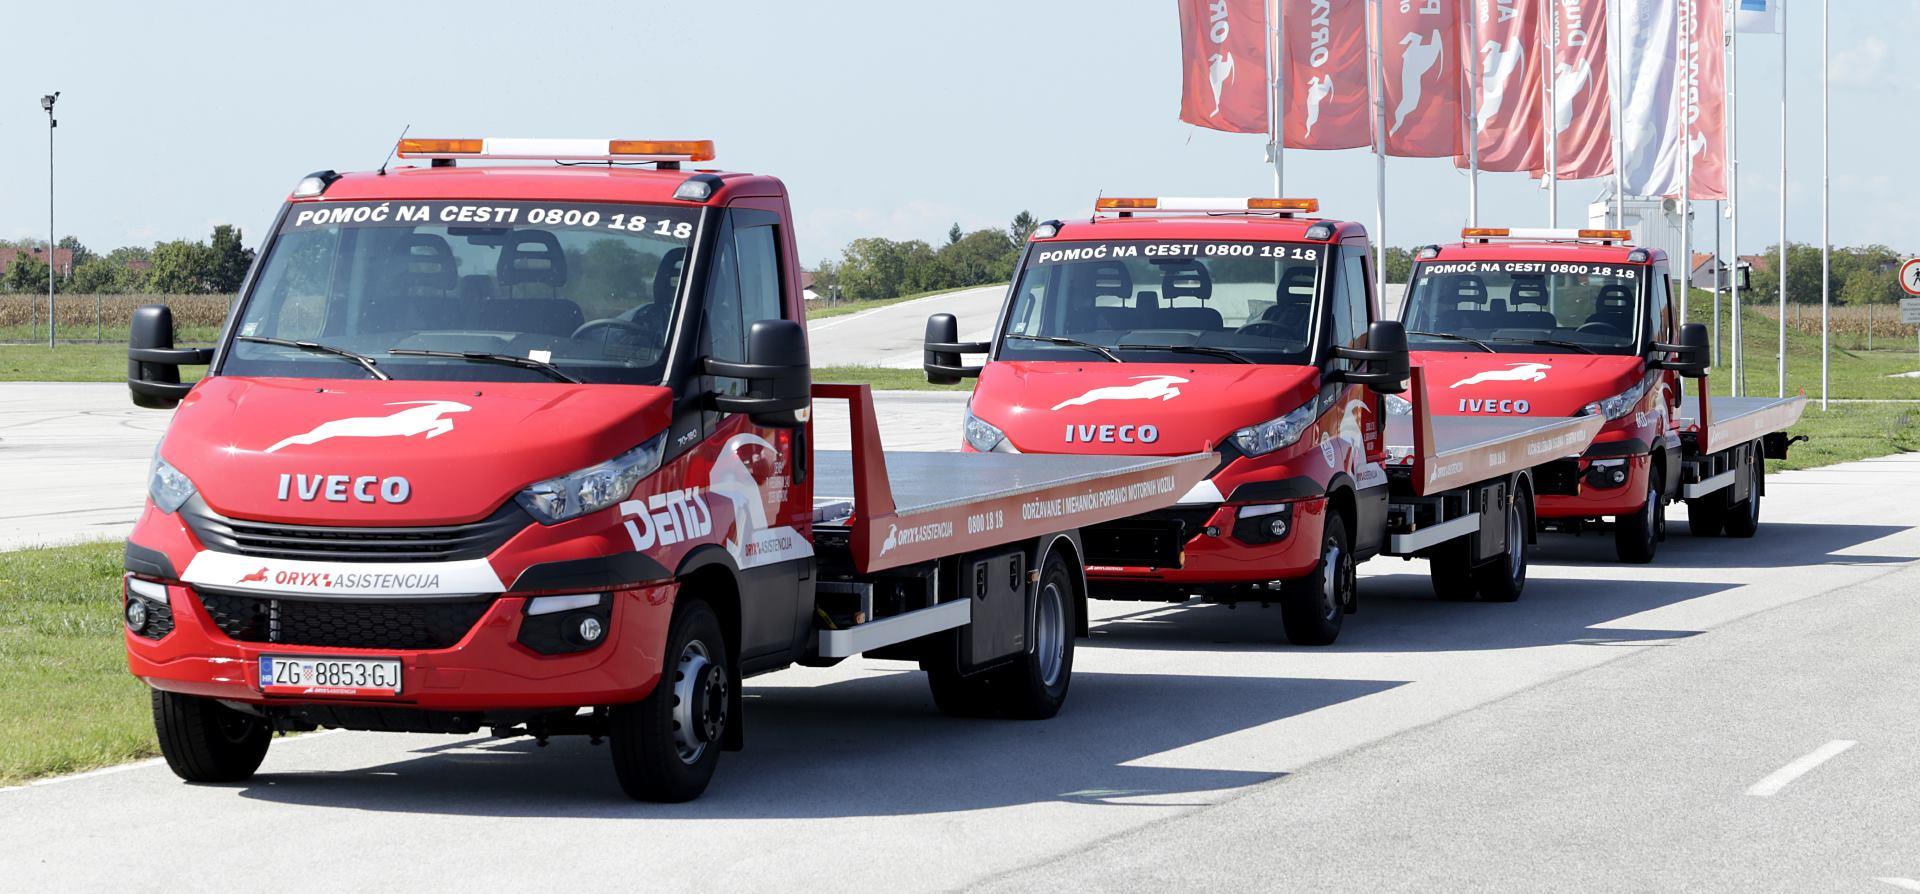 ORYX Asistencija investirala u 20 novih kamiona za pomoć na cesti